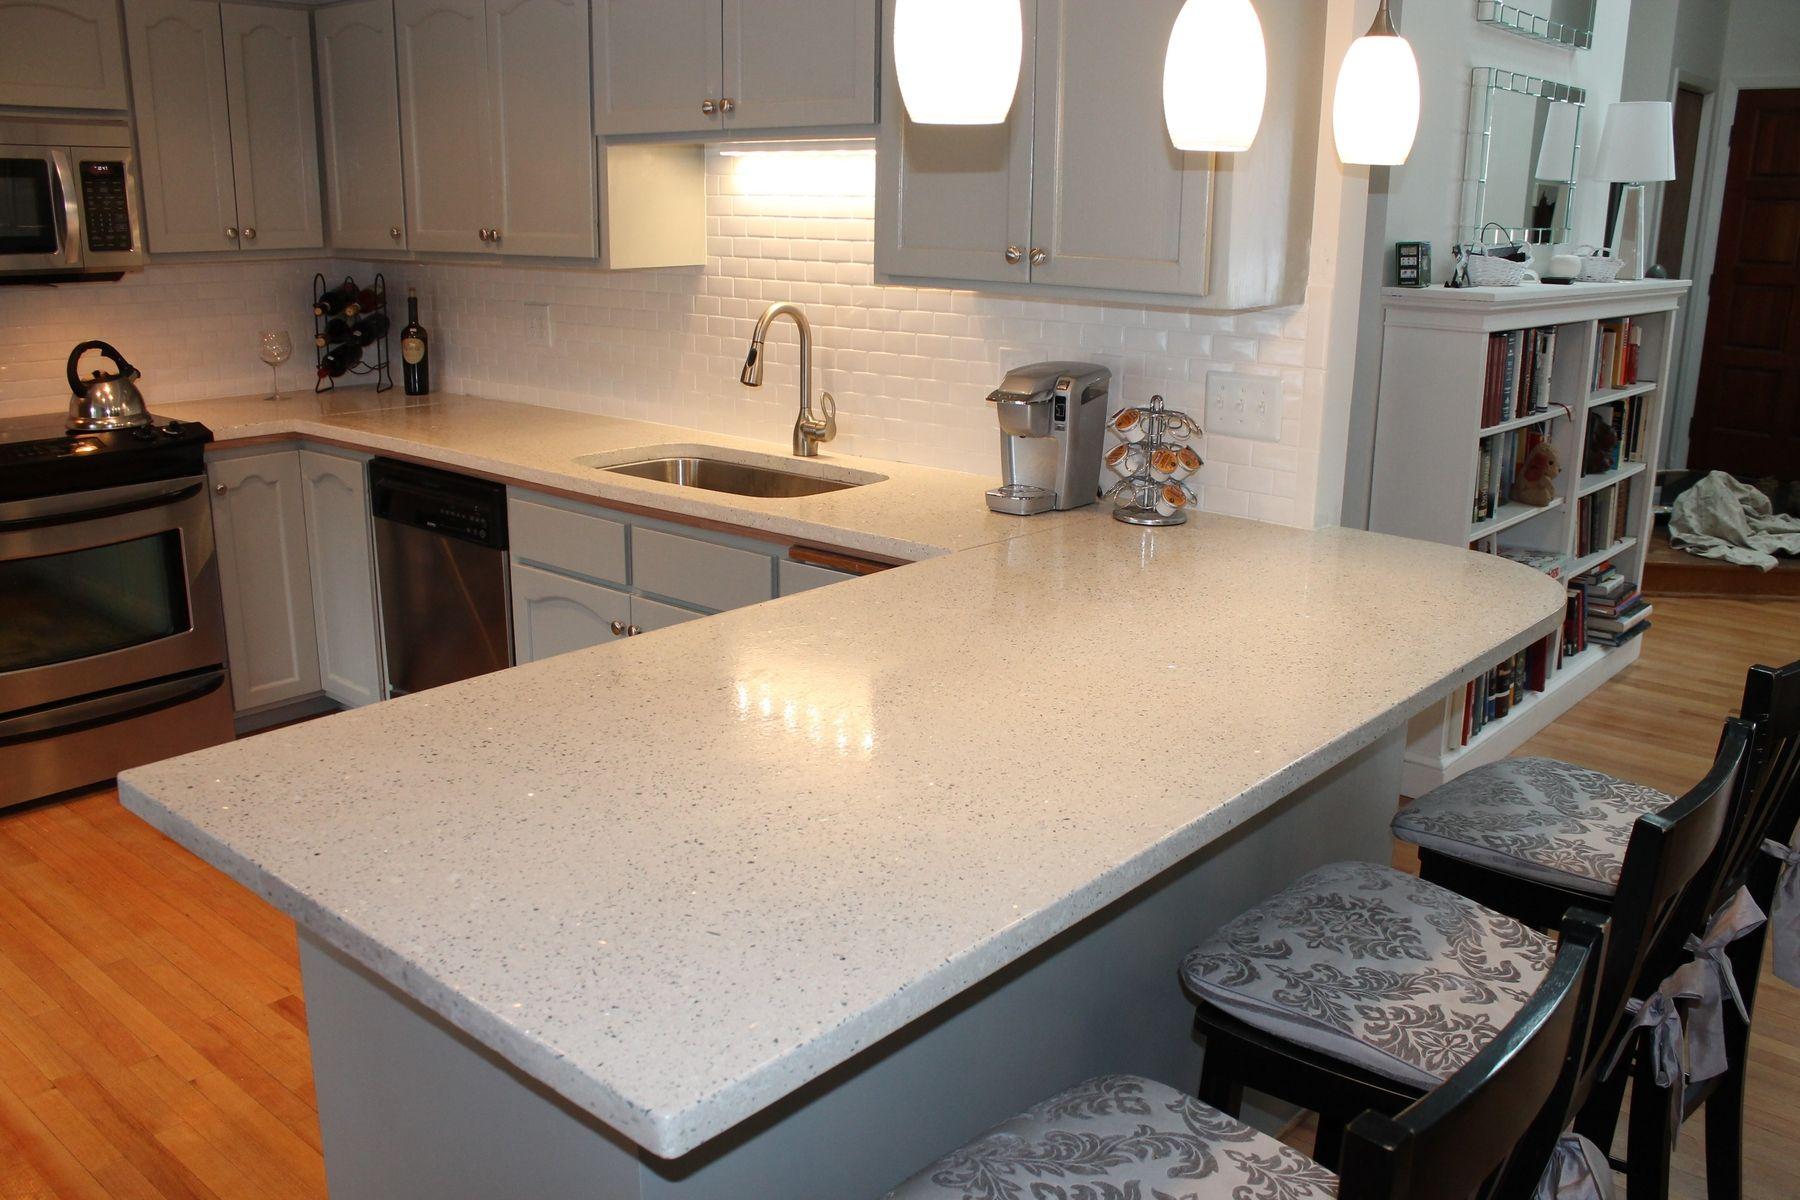 concrete countertop design ideas concrete kitchen countertops Concrete Countertops Handmade Hand Made Countertop By